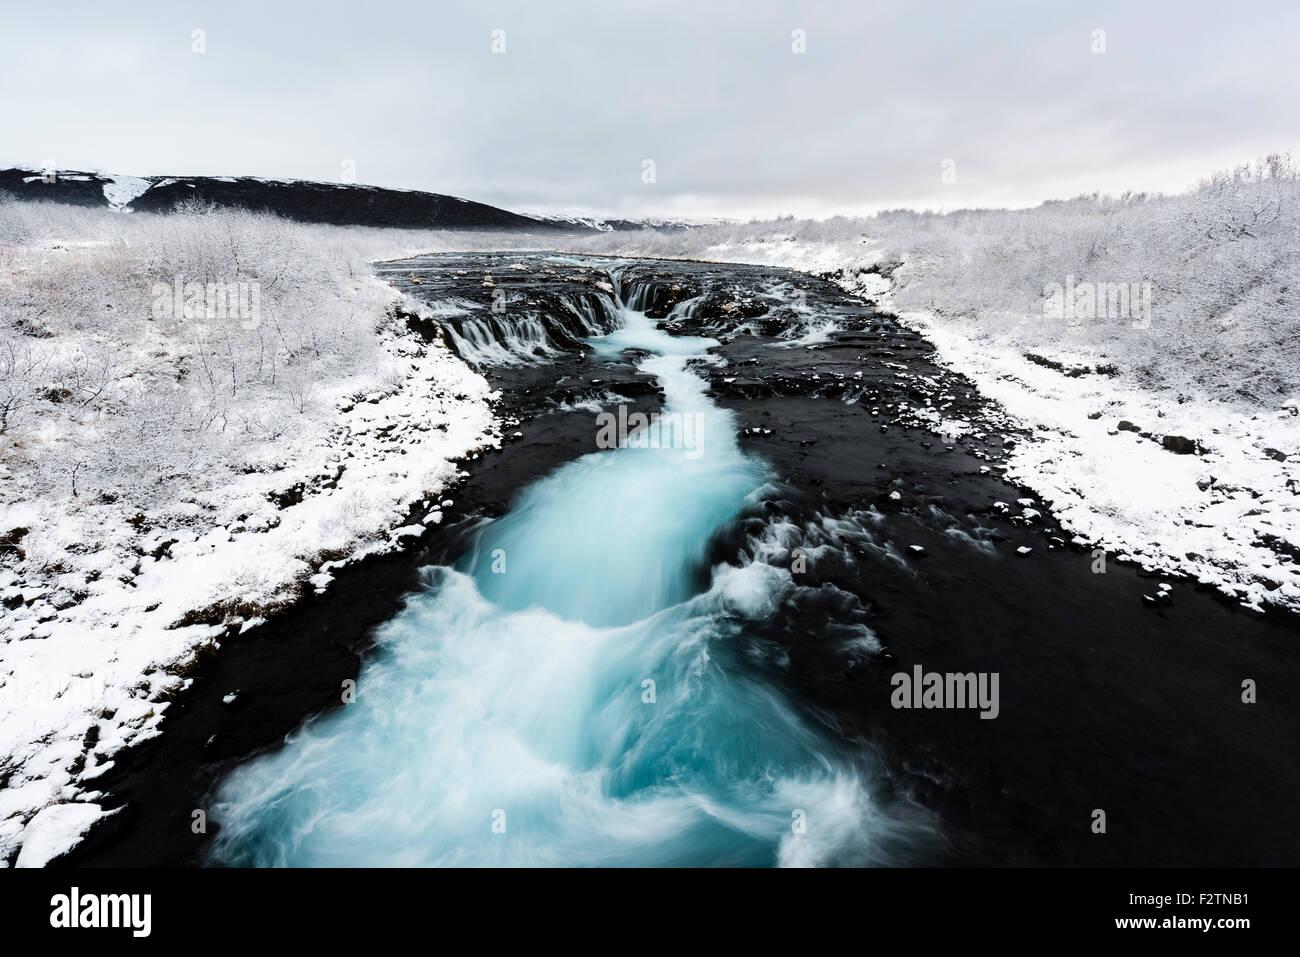 Cascada Bruarfoss Laugarvatn, Islandia Imagen De Stock